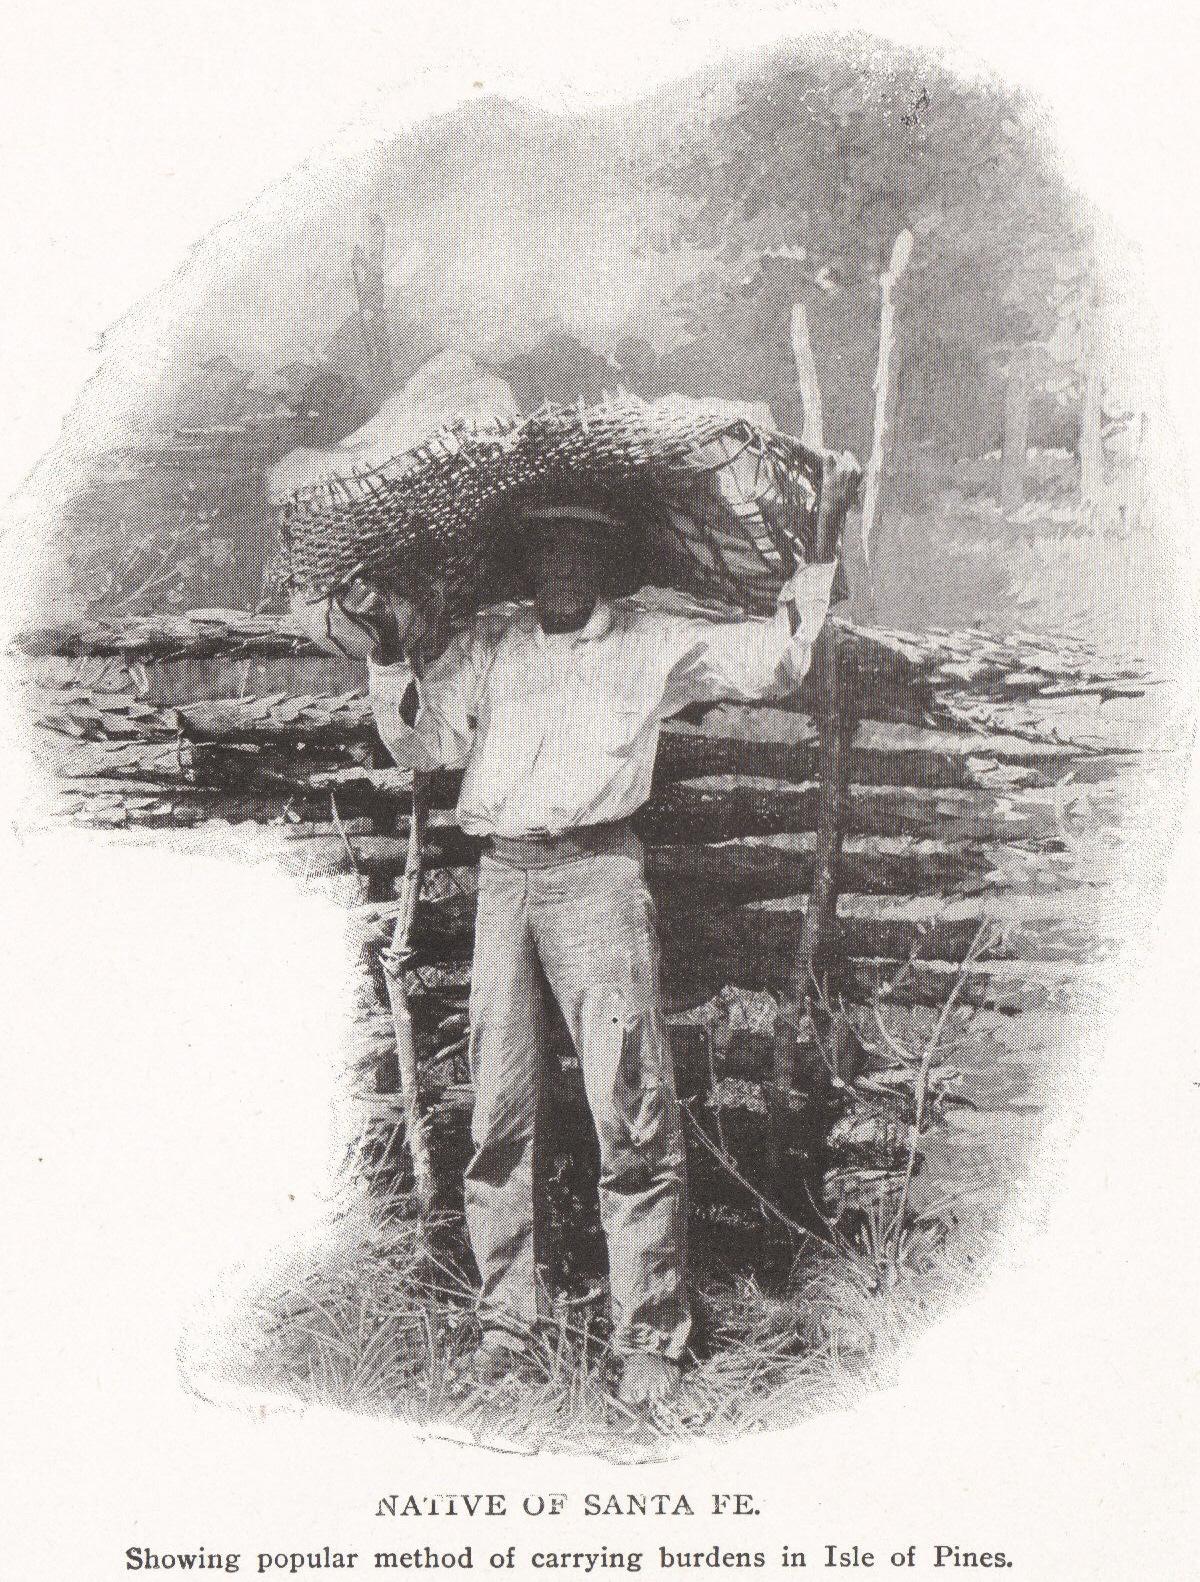 Santa Fe Native of Cuba (1898)